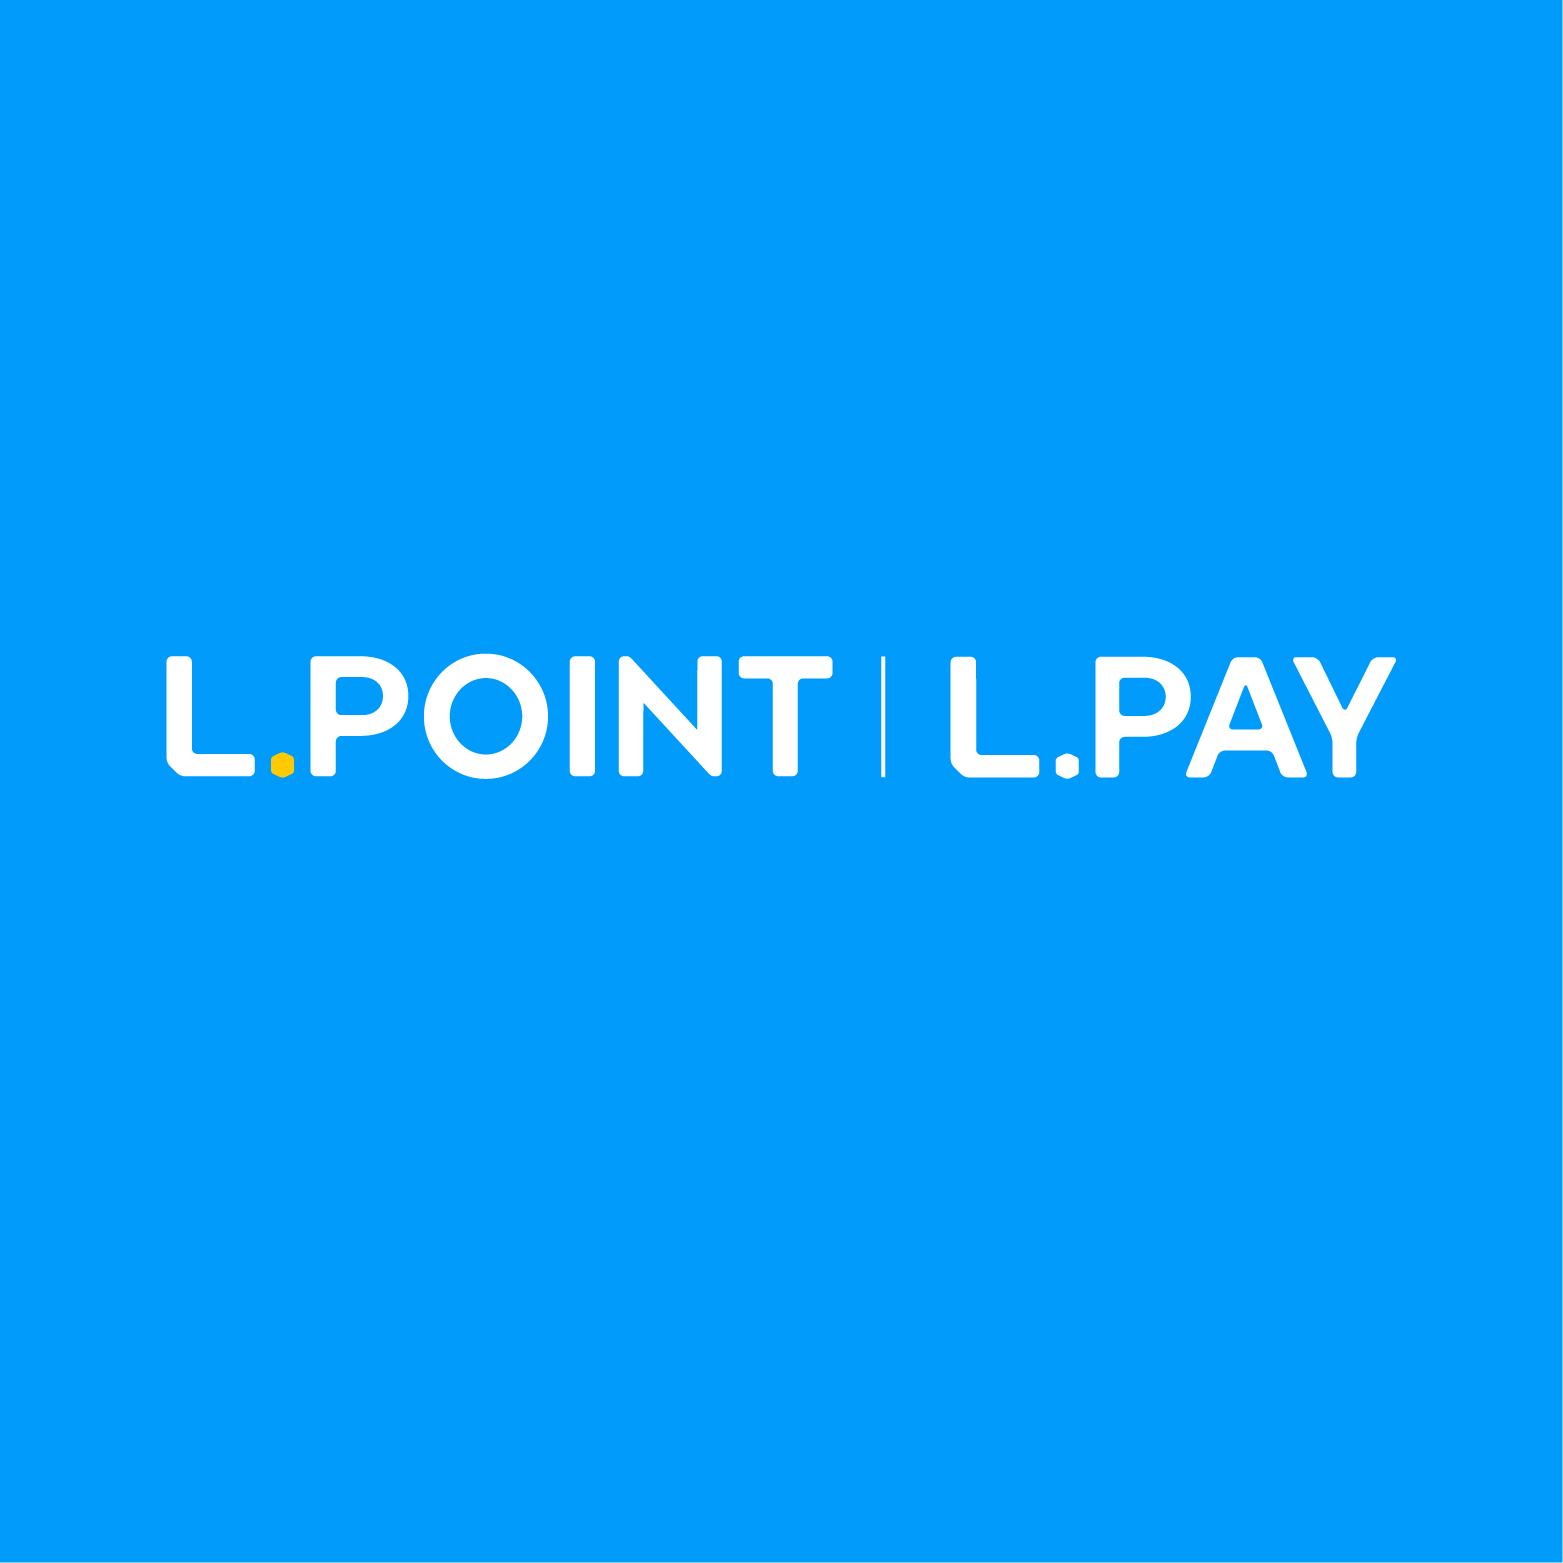 L.pay로 삼성/LG전자 결제 시 L.POINT 적립